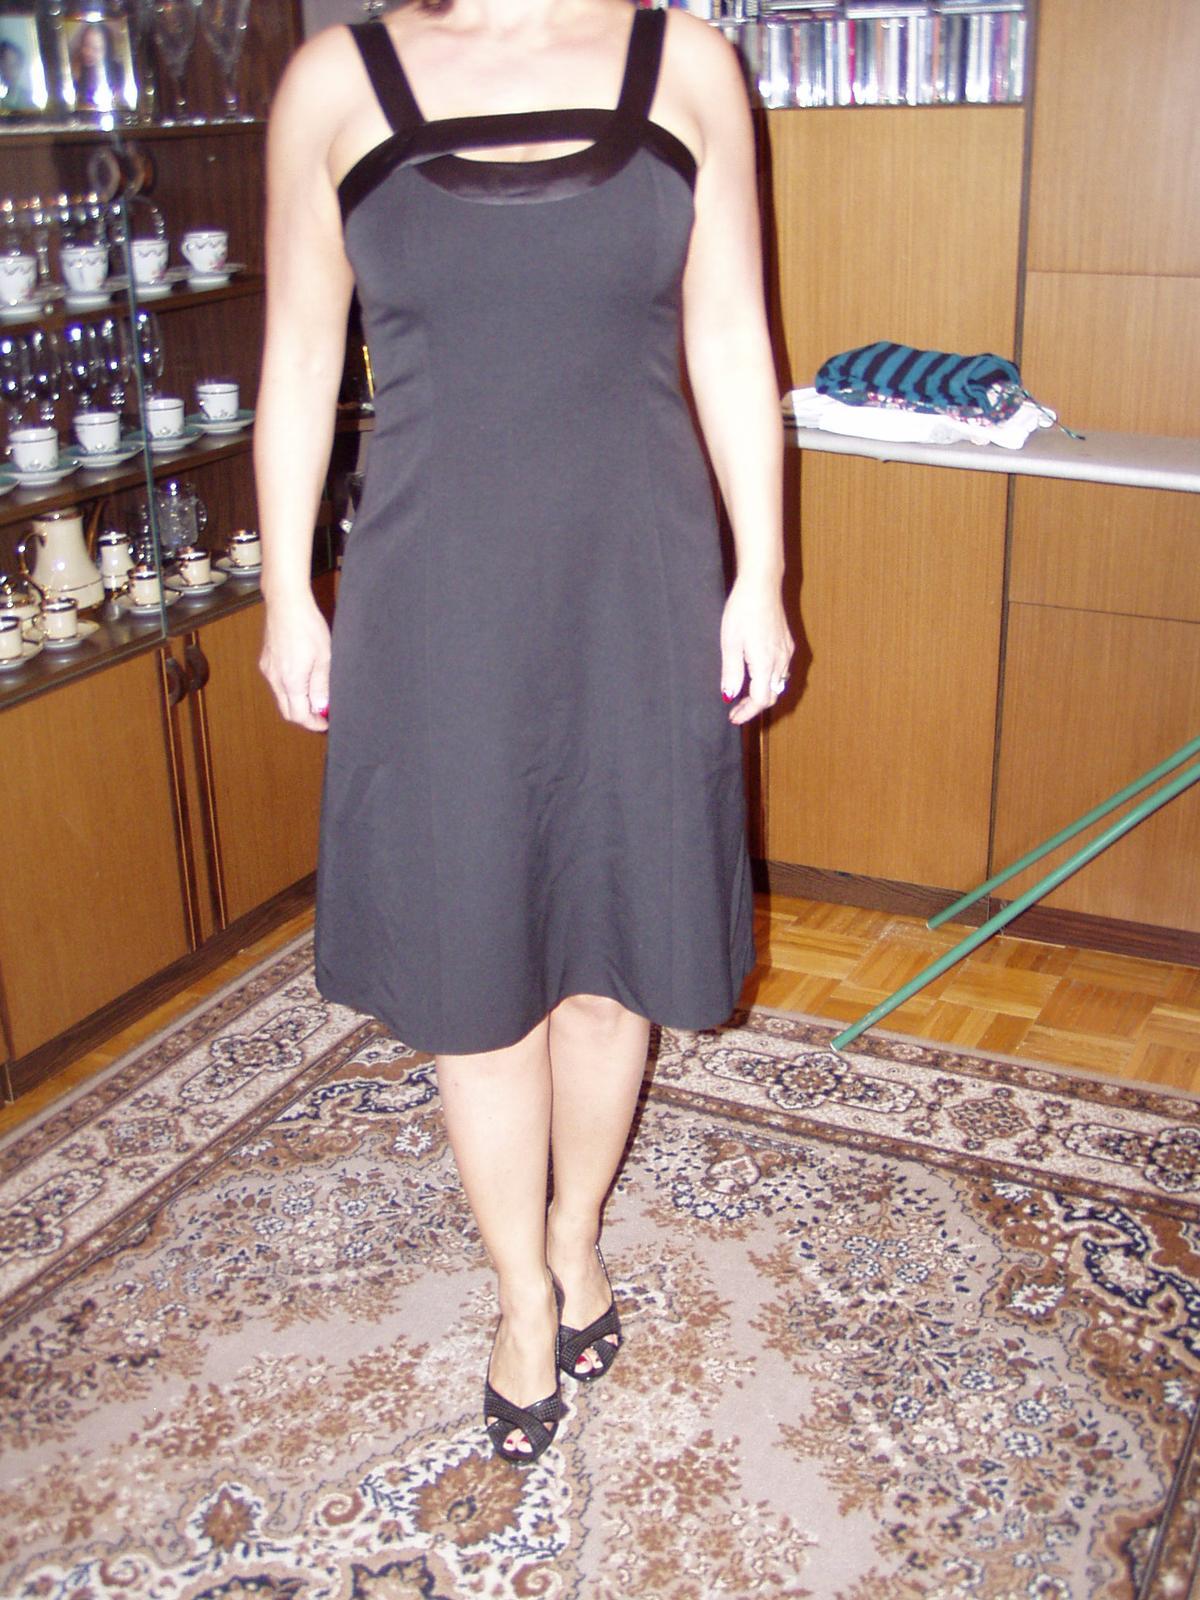 čierne spoločenské šaty Chantal veľ. 40 - Obrázok č. 1